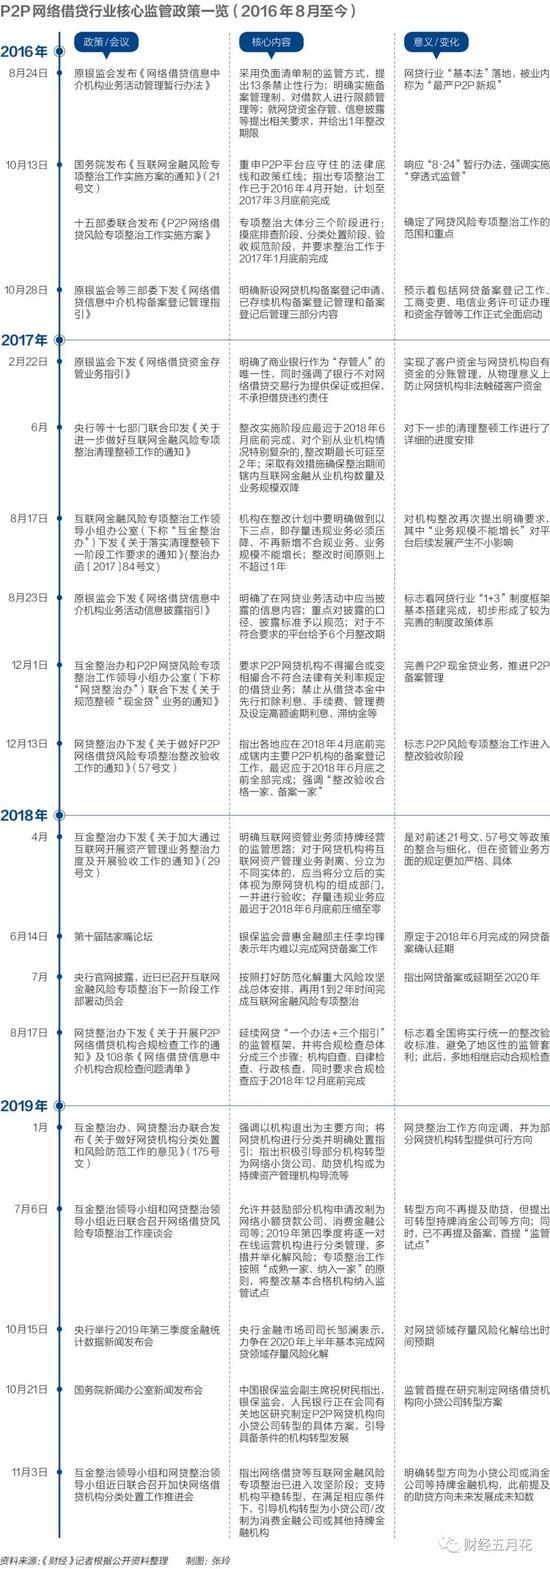 华彩国际彩网登陆 - 雅虎被曝收集用户邮件信息 方便商家针对性投放广告